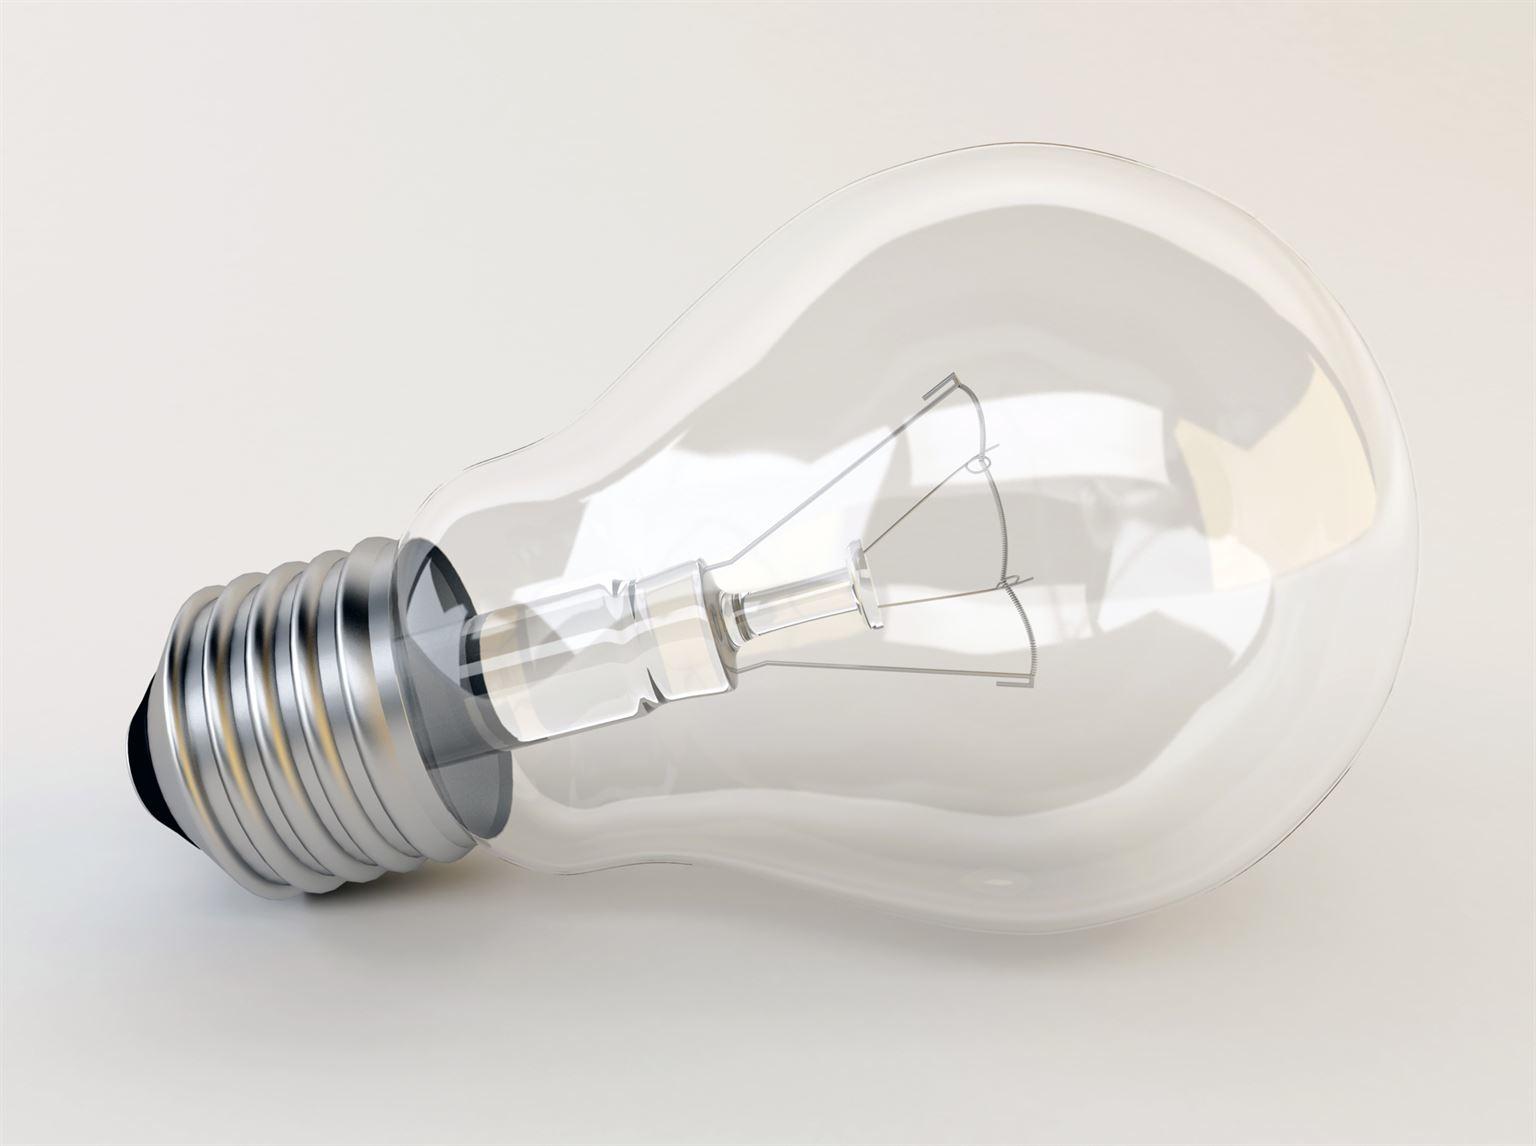 Bient t la fin des ampoules traditionnelles prot gez for Correspondance ampoules anciennes et nouvelles